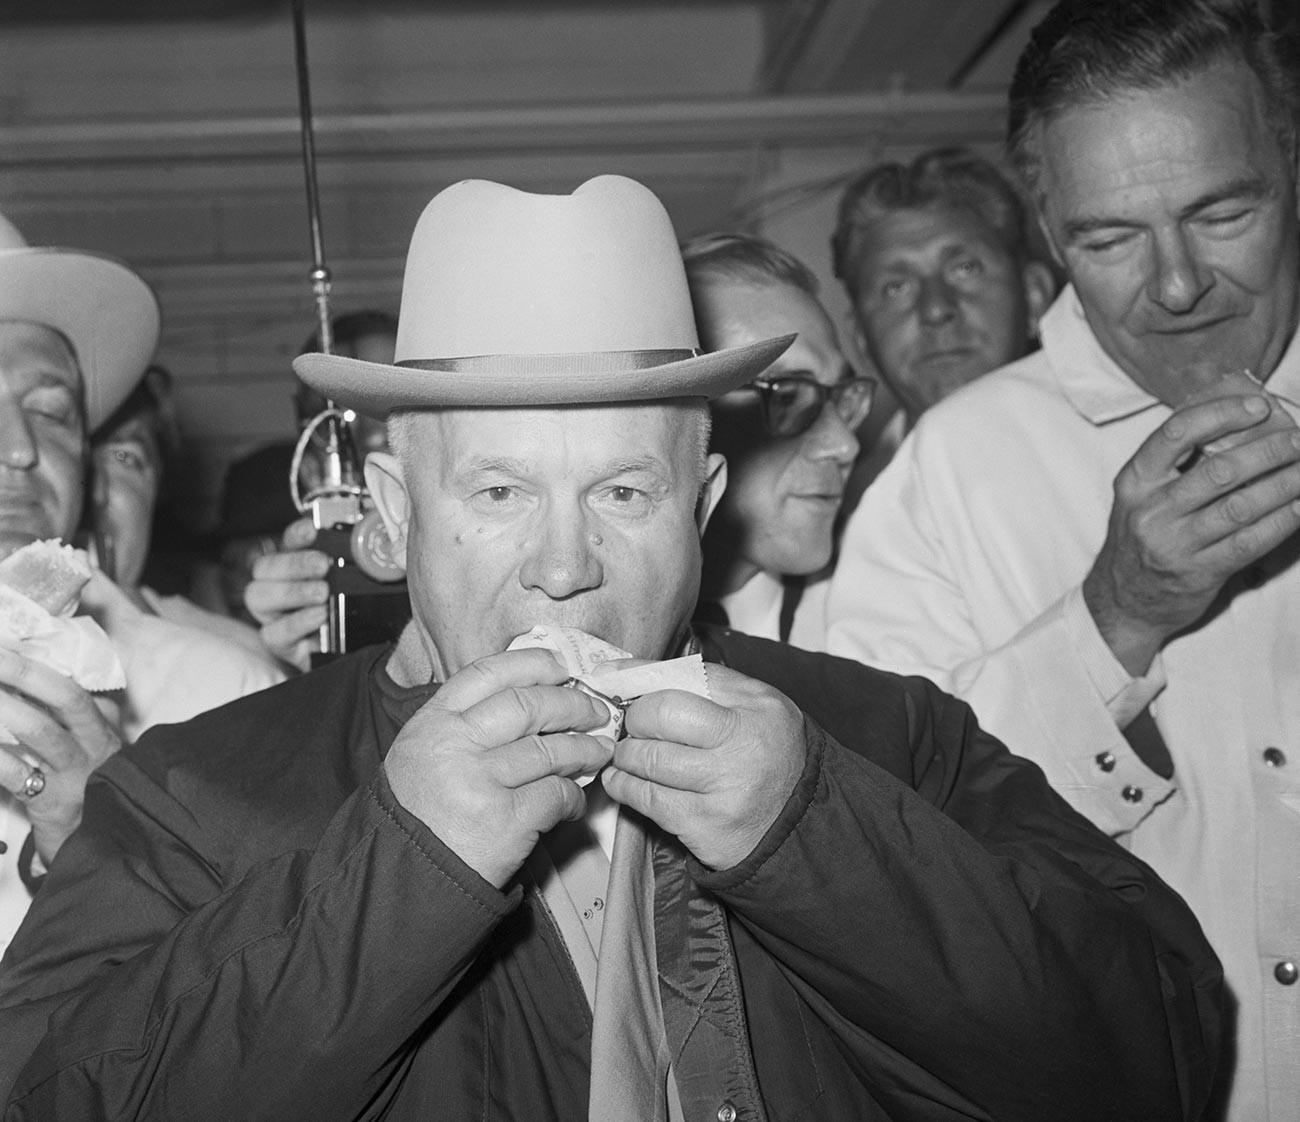 Hruščov prvič poskusil ameriški hot dog z gorčico. Ko je pojedel, so ga vprašali, kakšno je njegovo mnenje, on pa je odgovoril. »Ok, odlično, izjemno,« a je dodal, da porcija ni bila dovolj velika.